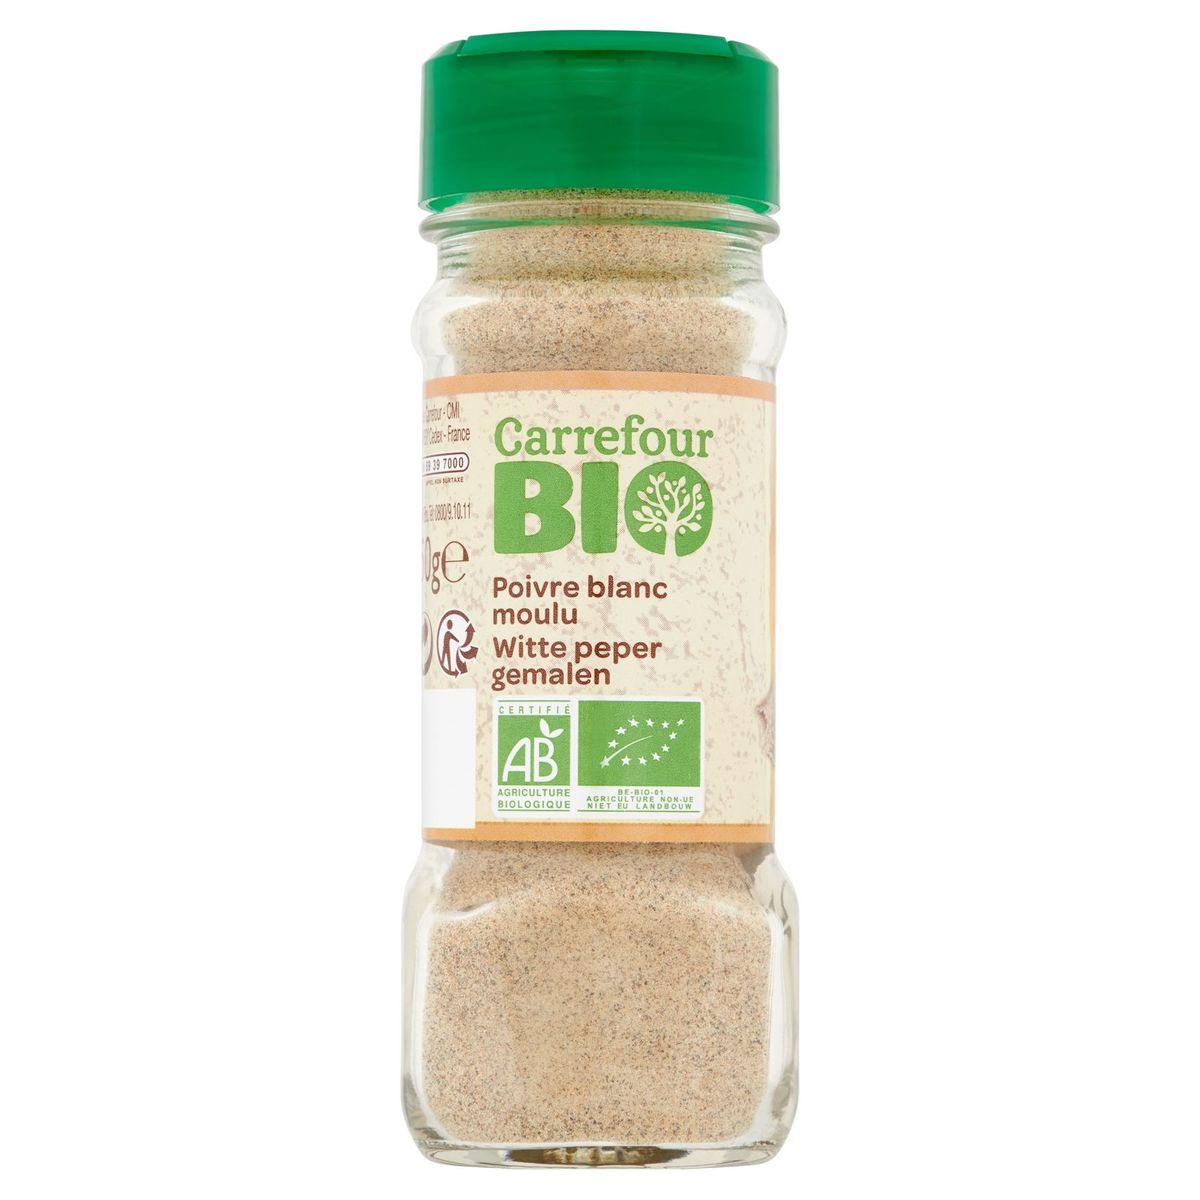 Carrefour Bio Poivre Blanc Moulu 50 g